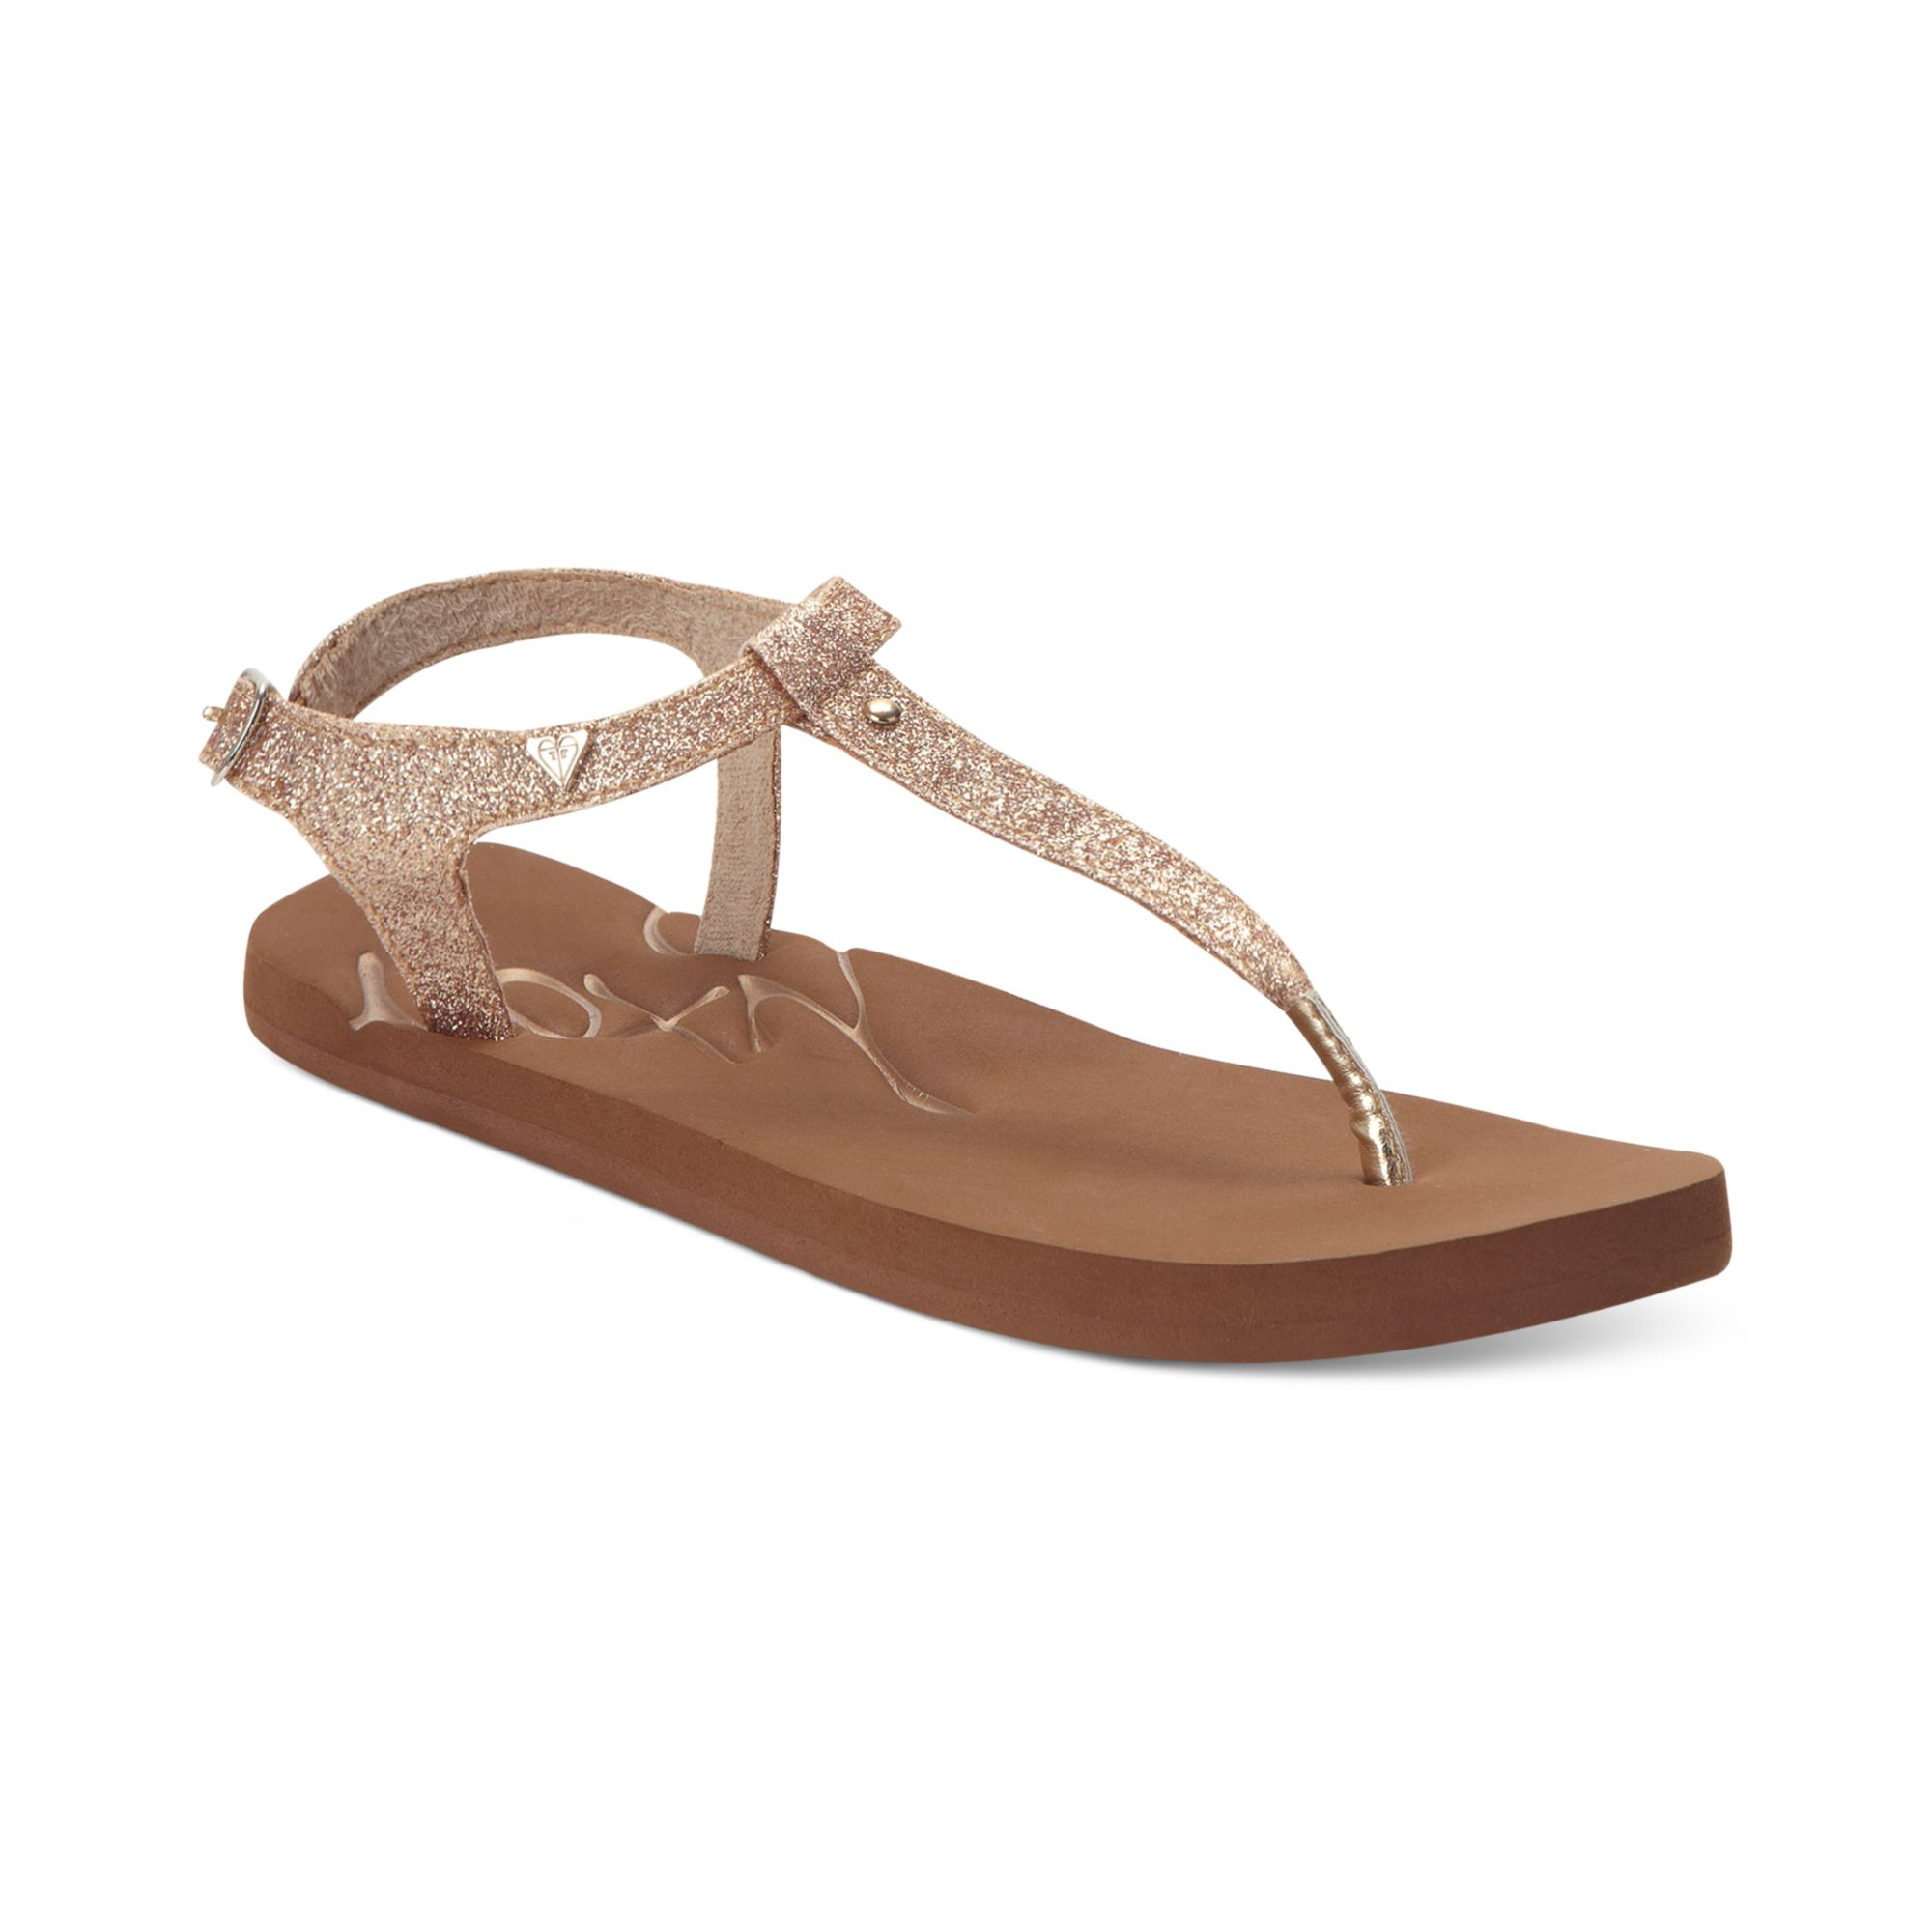 Roxy Hana Tstrap Flat Sandals In Brown Lyst